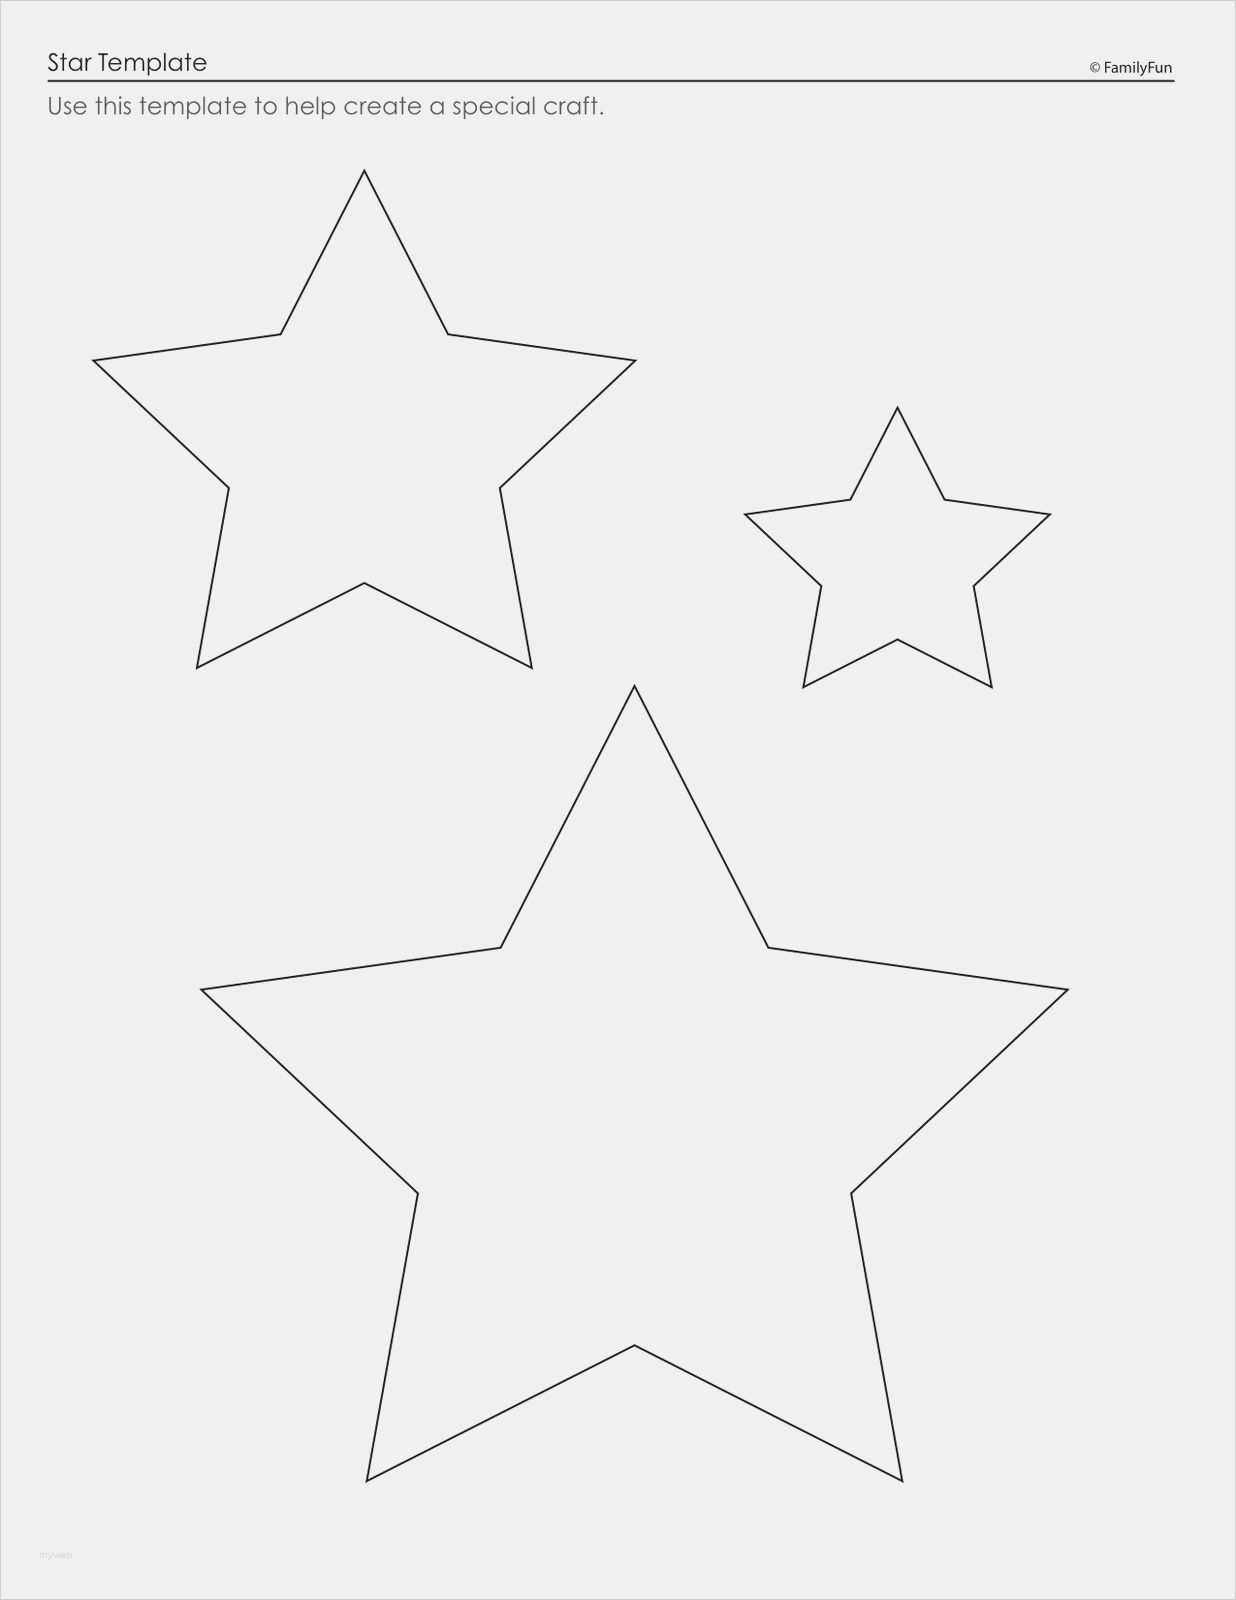 Vorlage Stern Gross Zum Ausdrucken Suss Haikele Made Sternenflimmern Sterne Zum Ausdrucken Sterne Basteln Vorlage Vorlage Stern